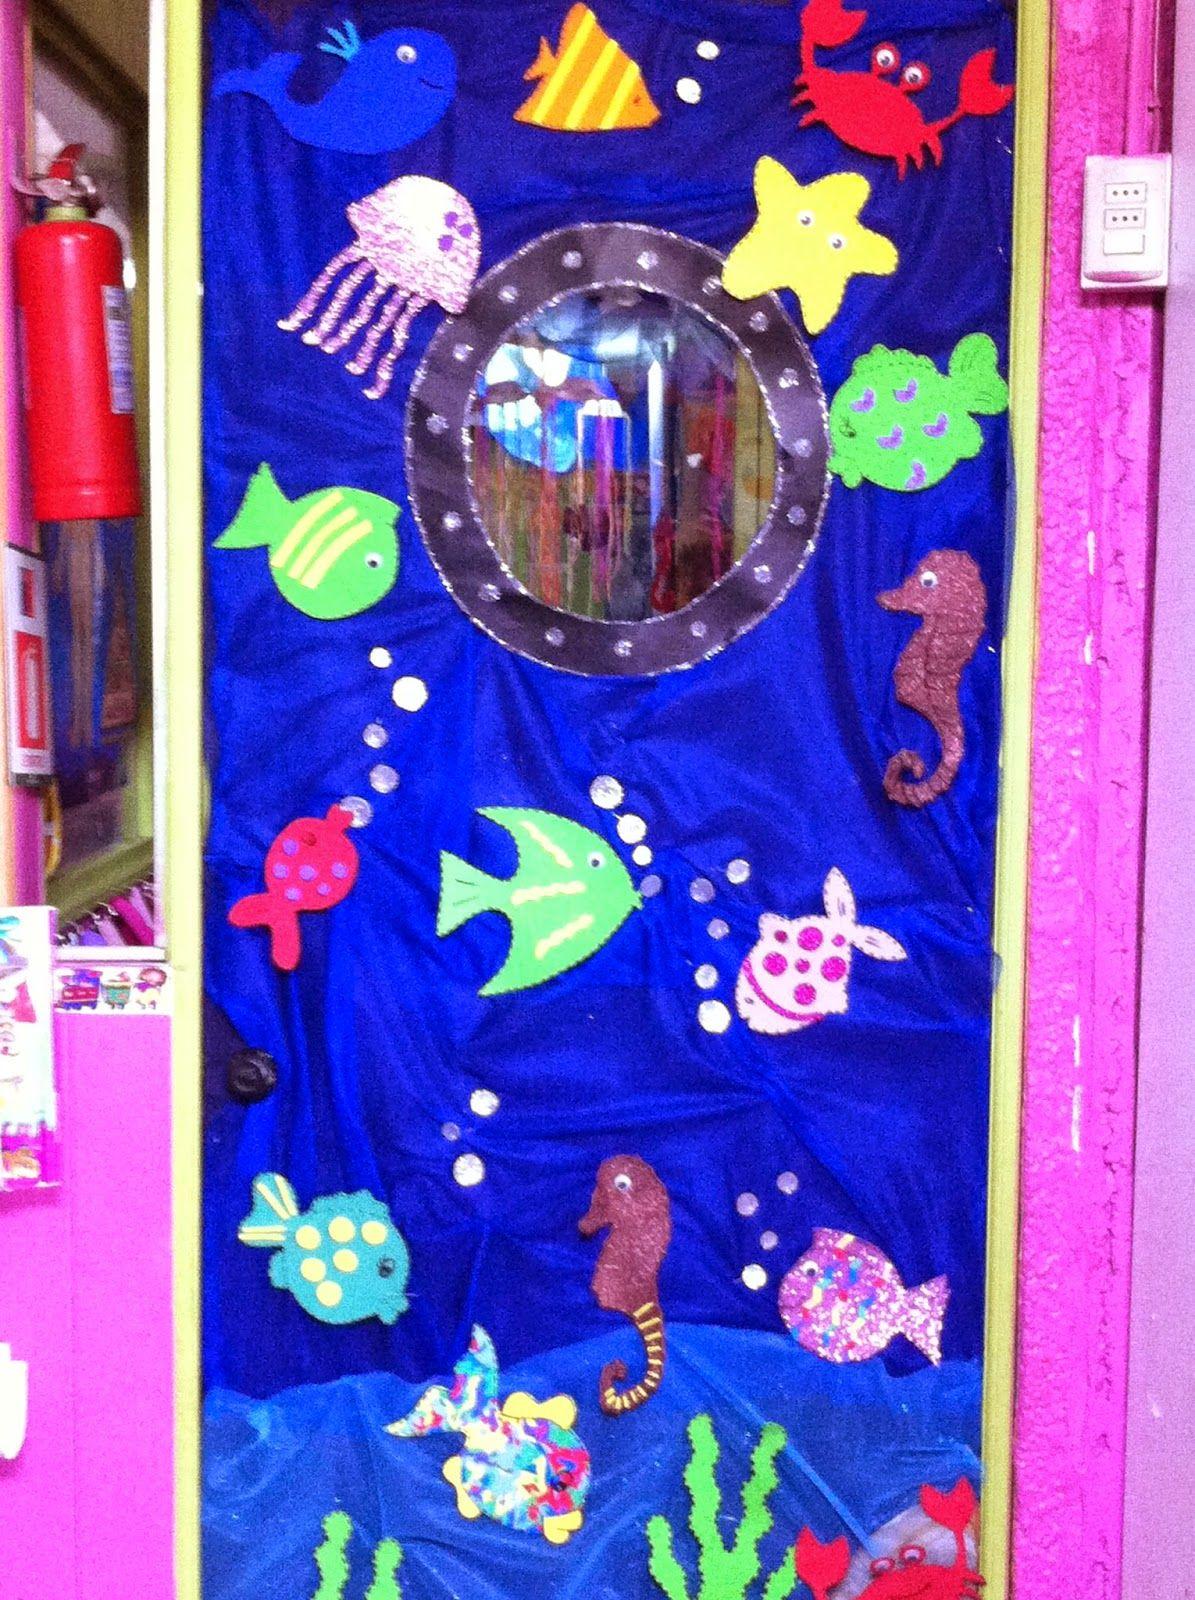 Jard n infantil un mundo de amor muestra de decoraci n for Jardin infantil